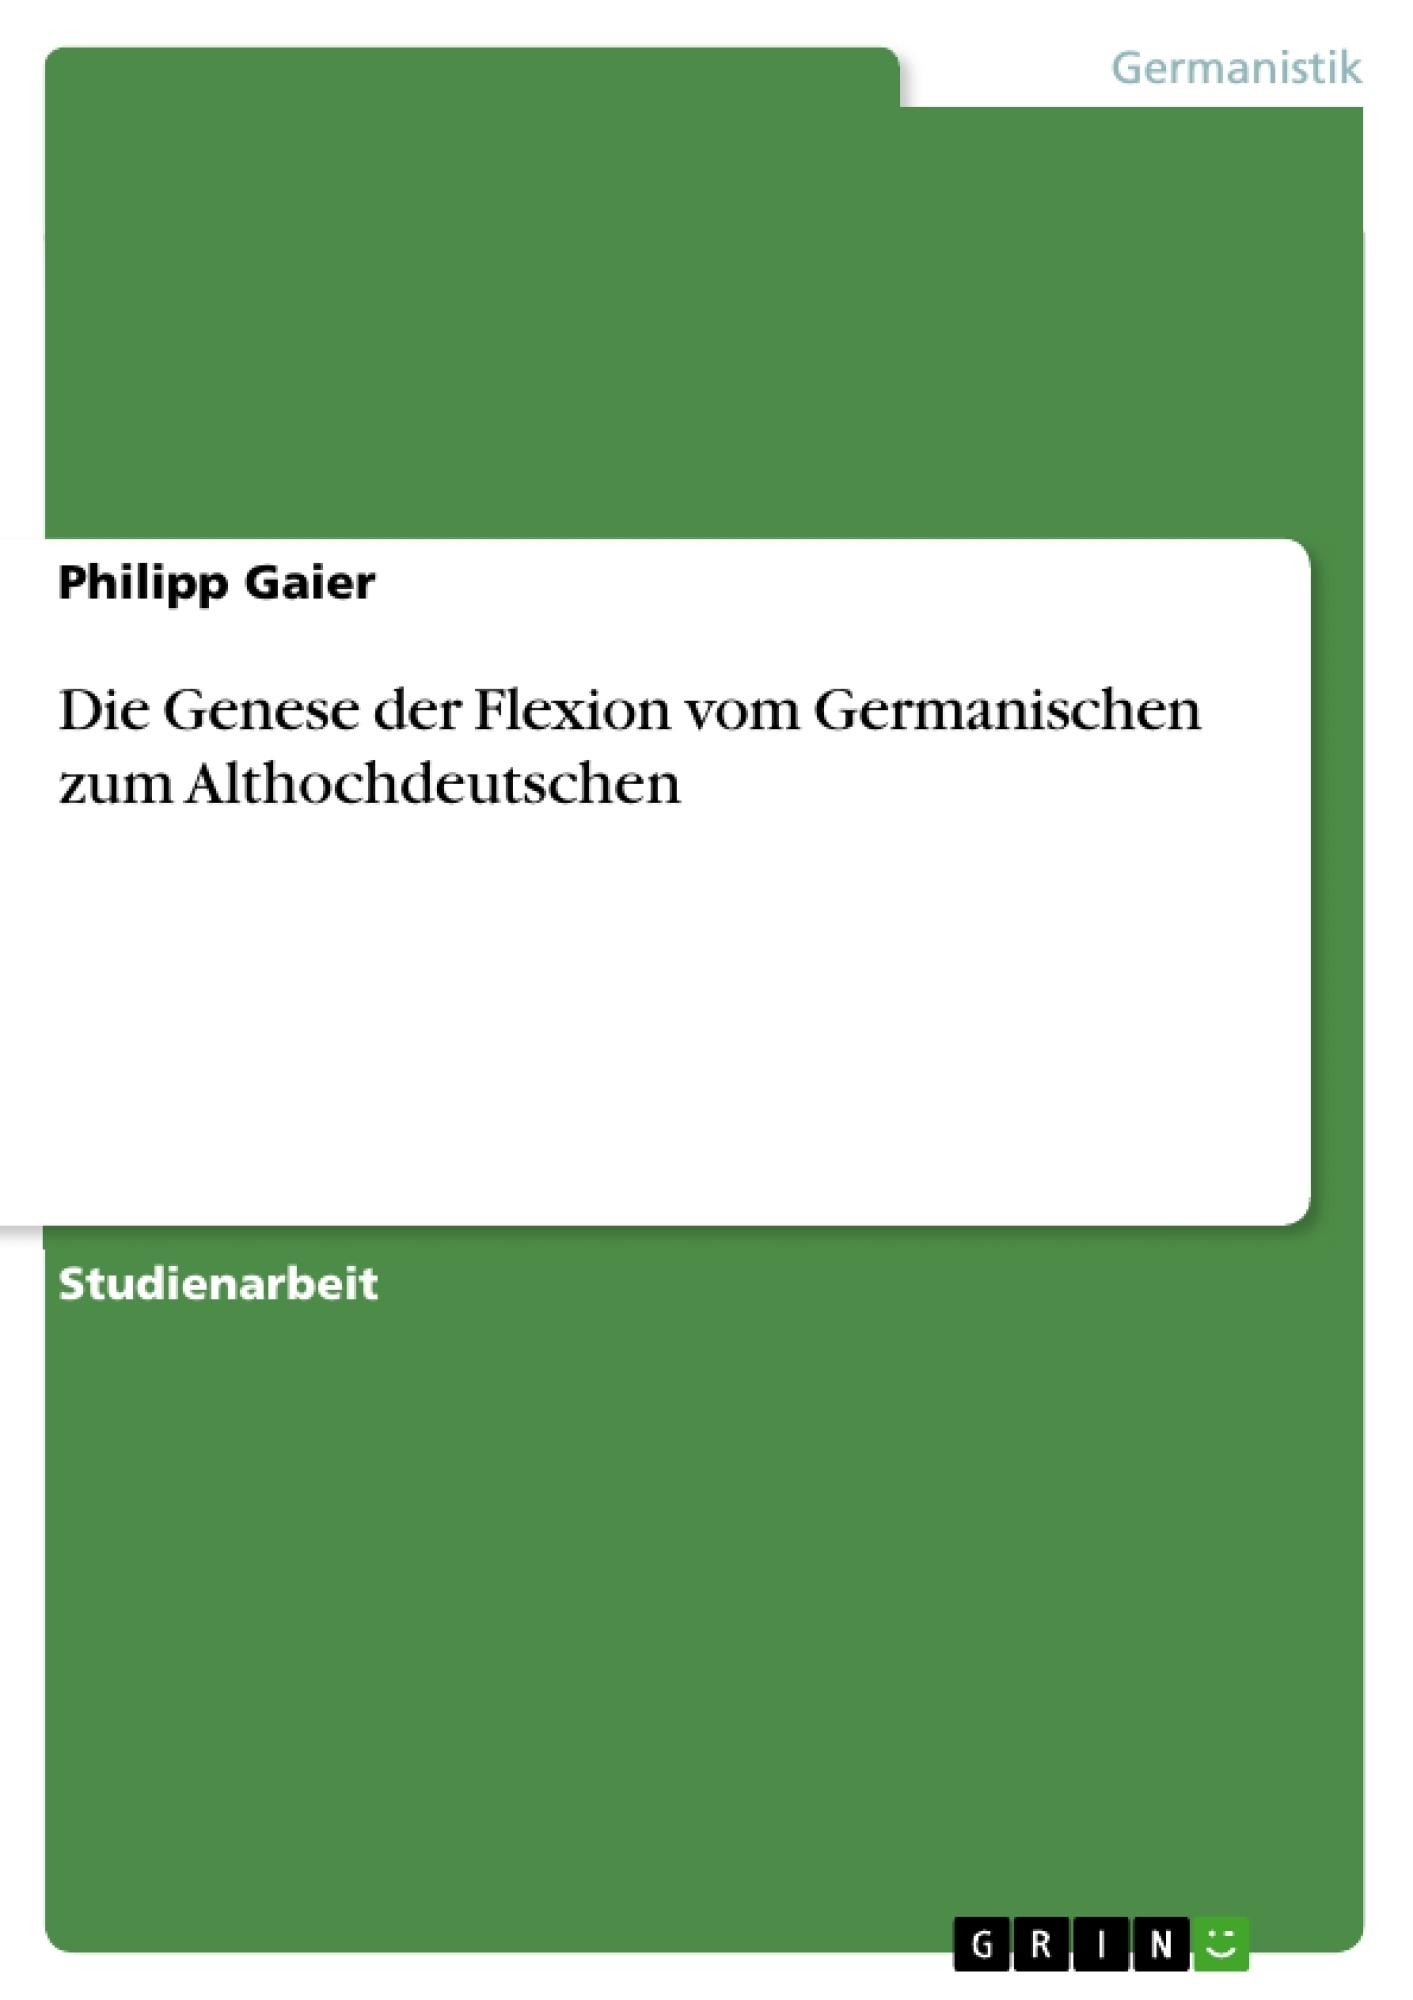 Titel: Die Genese der Flexion vom Germanischen zum Althochdeutschen